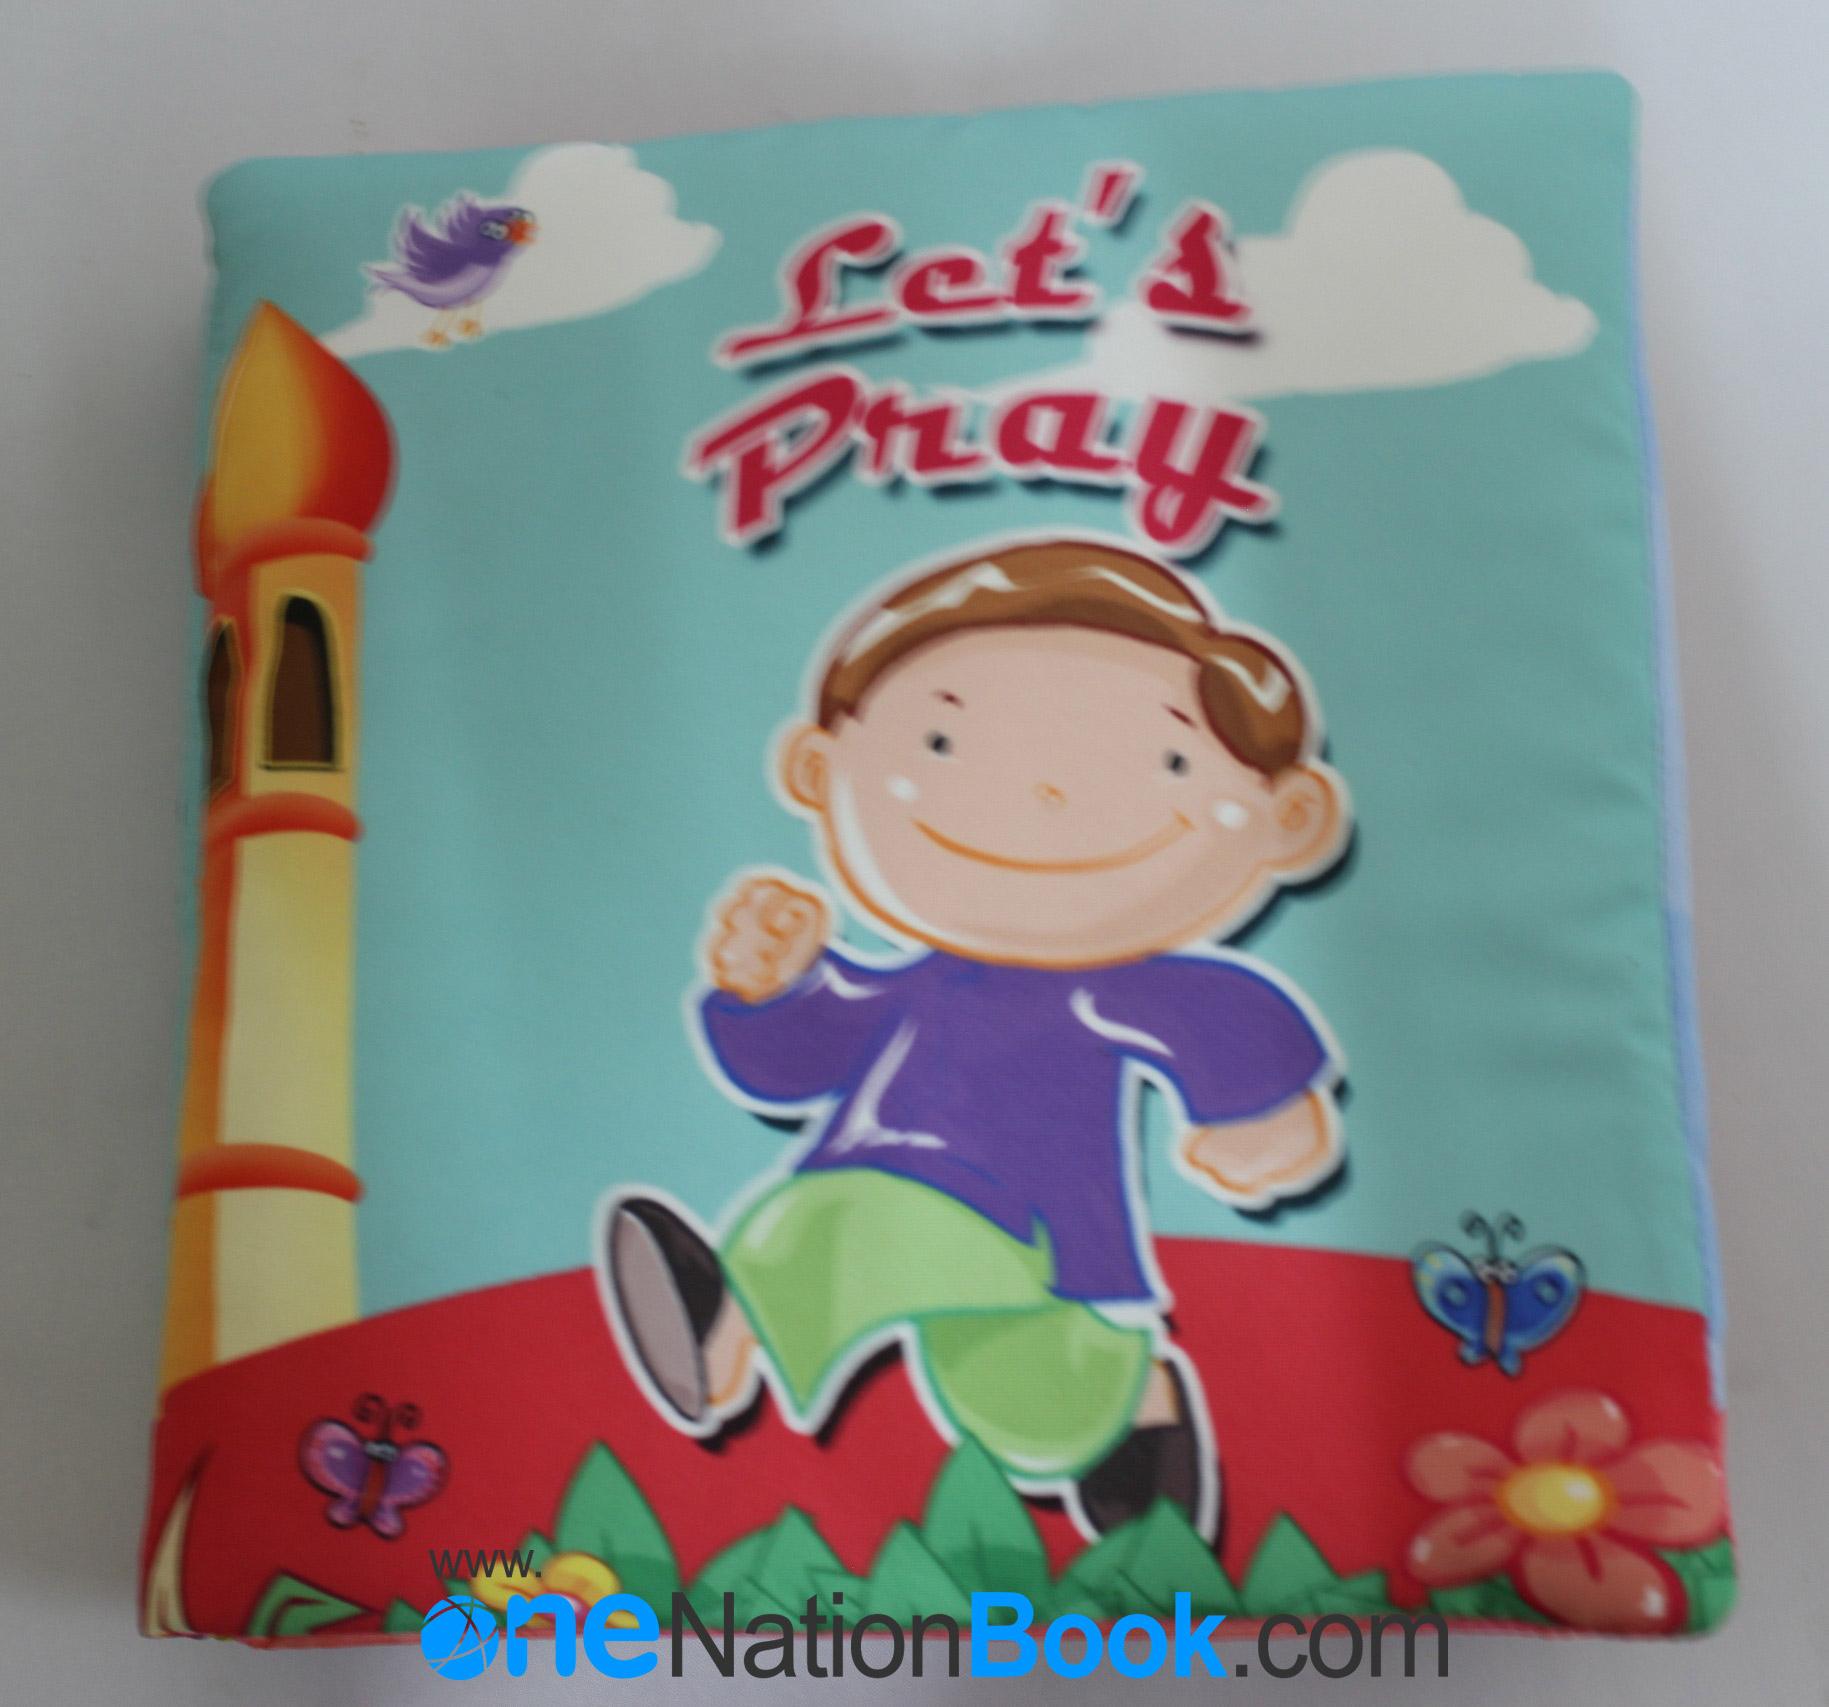 หนังสือภาพ Let's pray